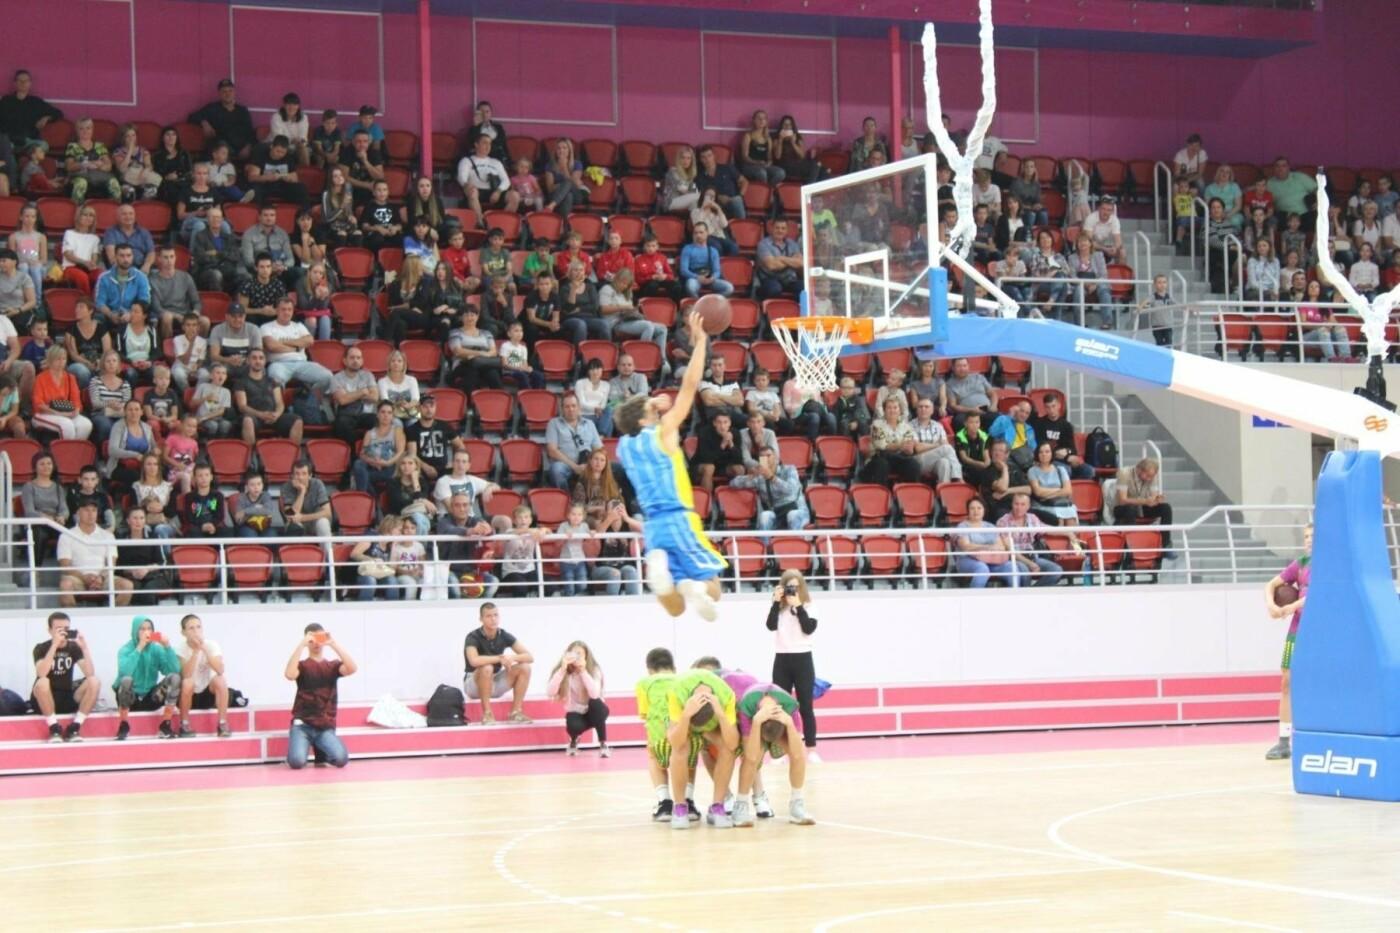 В «Юности» спортивные школы города показали шоу, - ФОТО, фото-3